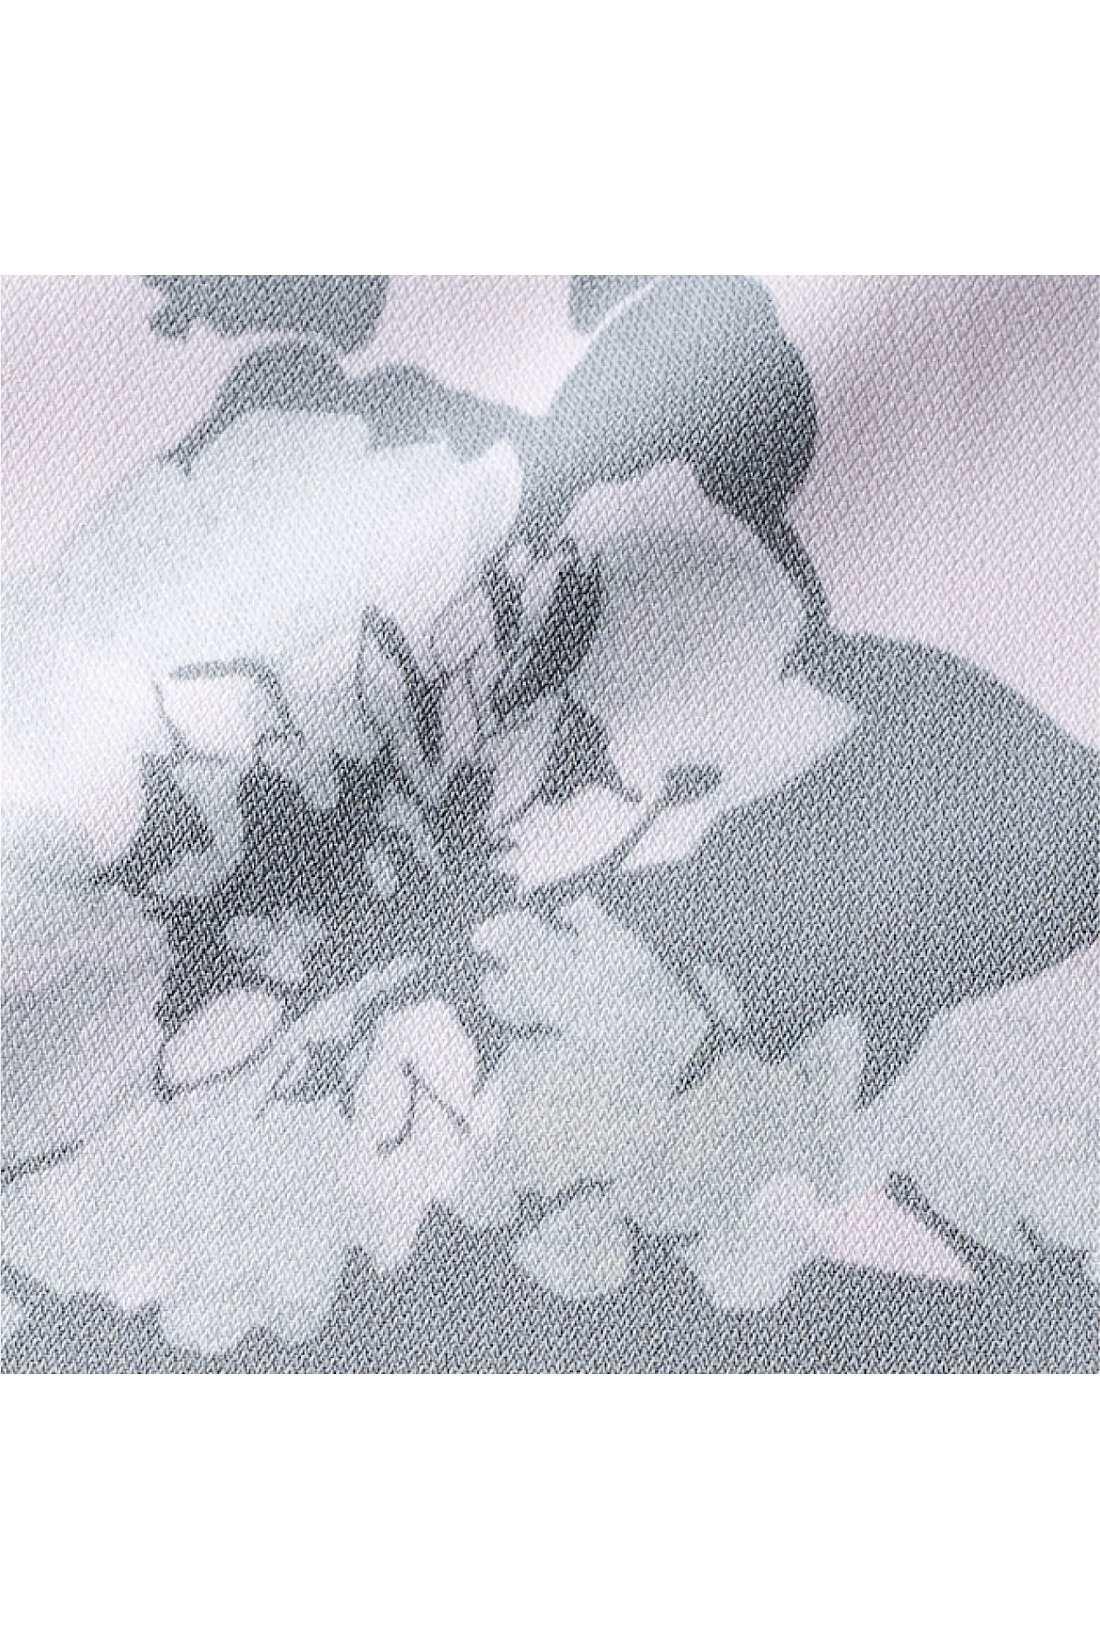 大ぶりの花柄をグレイッシュトーンで水彩画風にアレンジして、品よく大人っぽく。